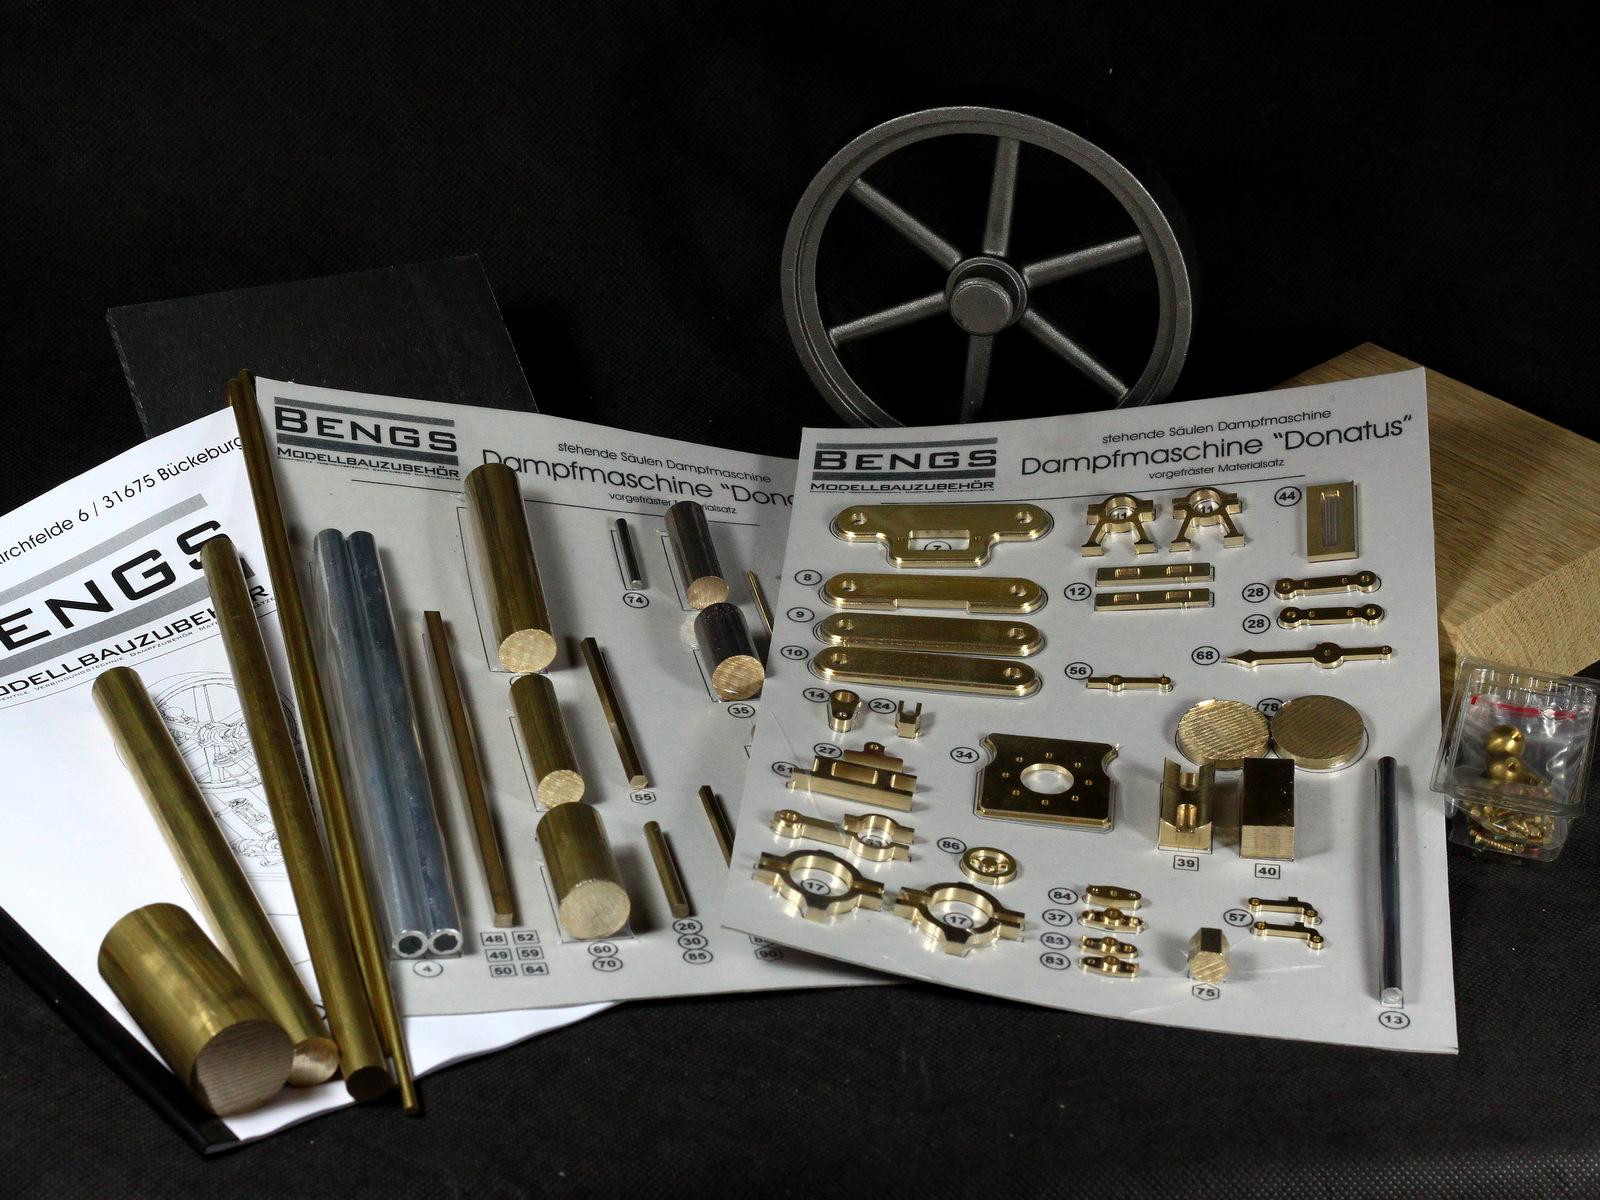 Bockdampfmaschine-donatus-lieferumfang551bf96865c94